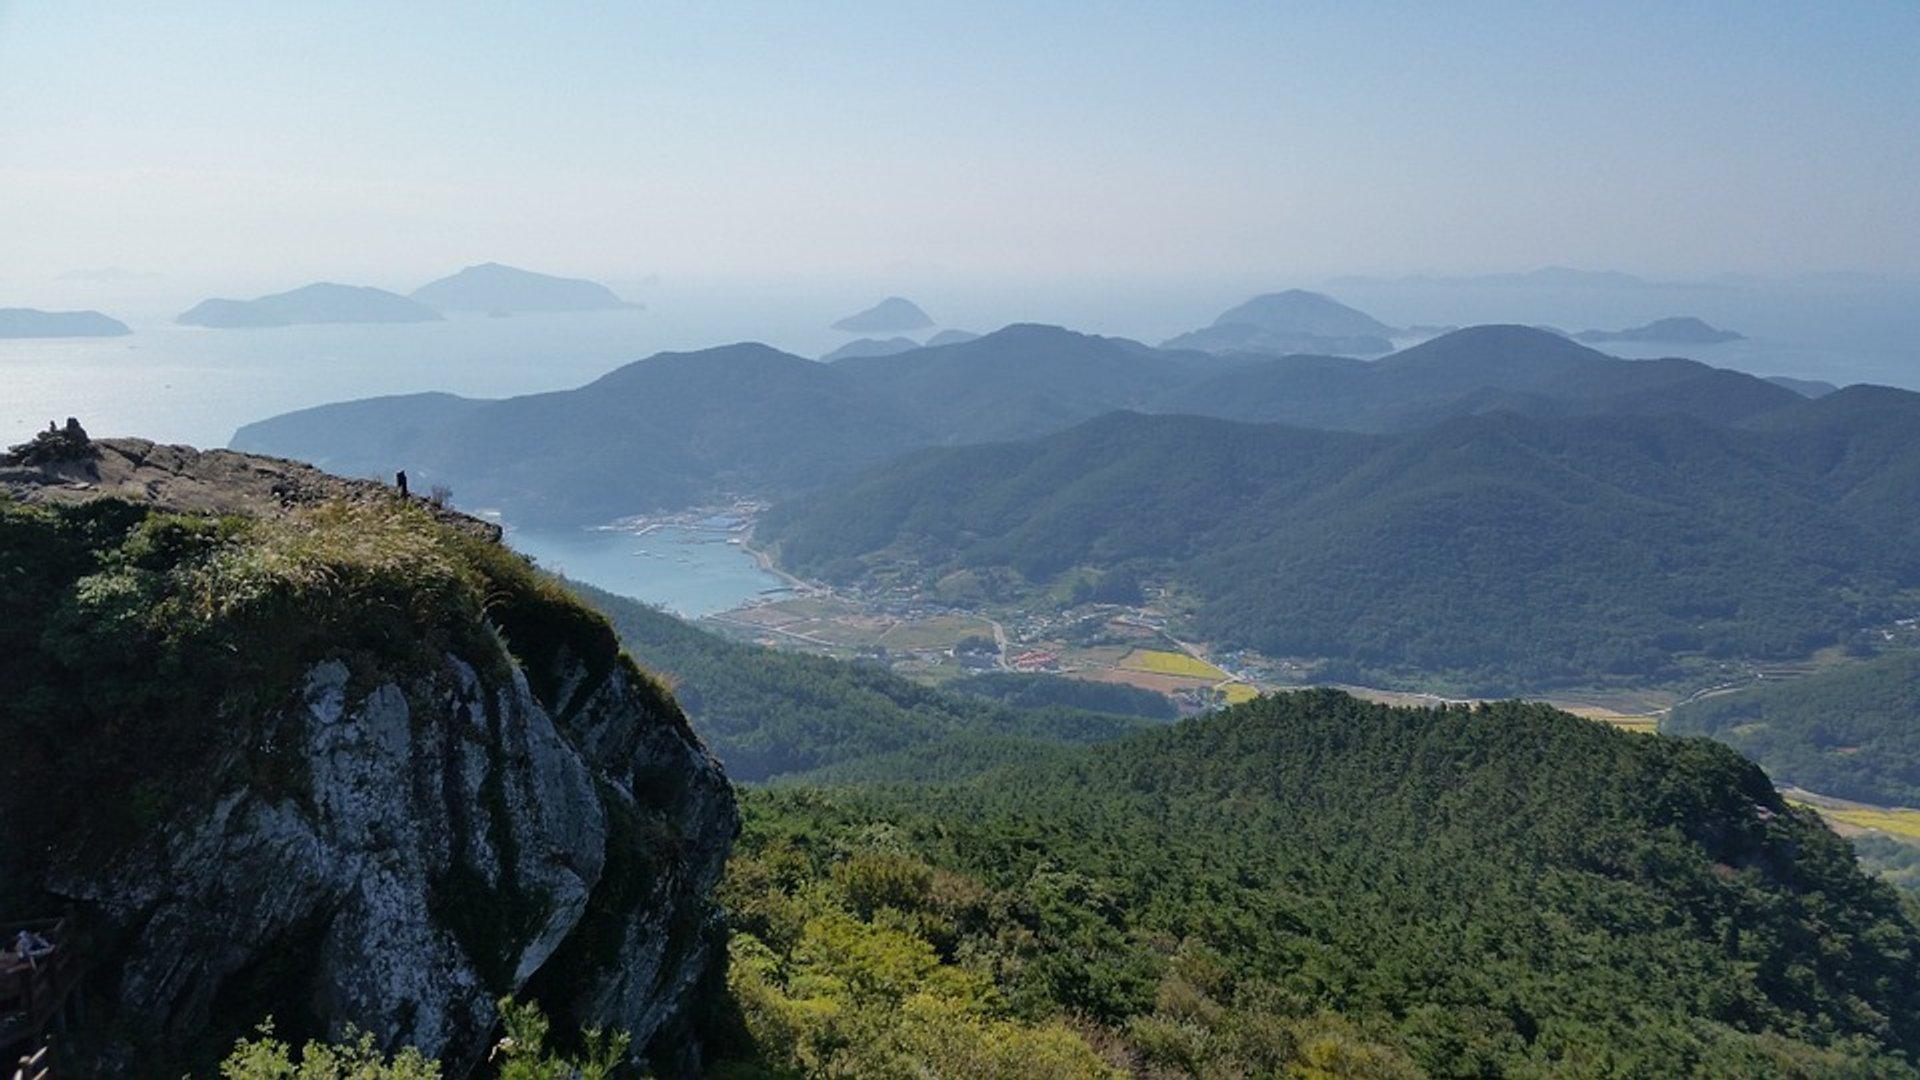 Tongyeong Landscape 2020